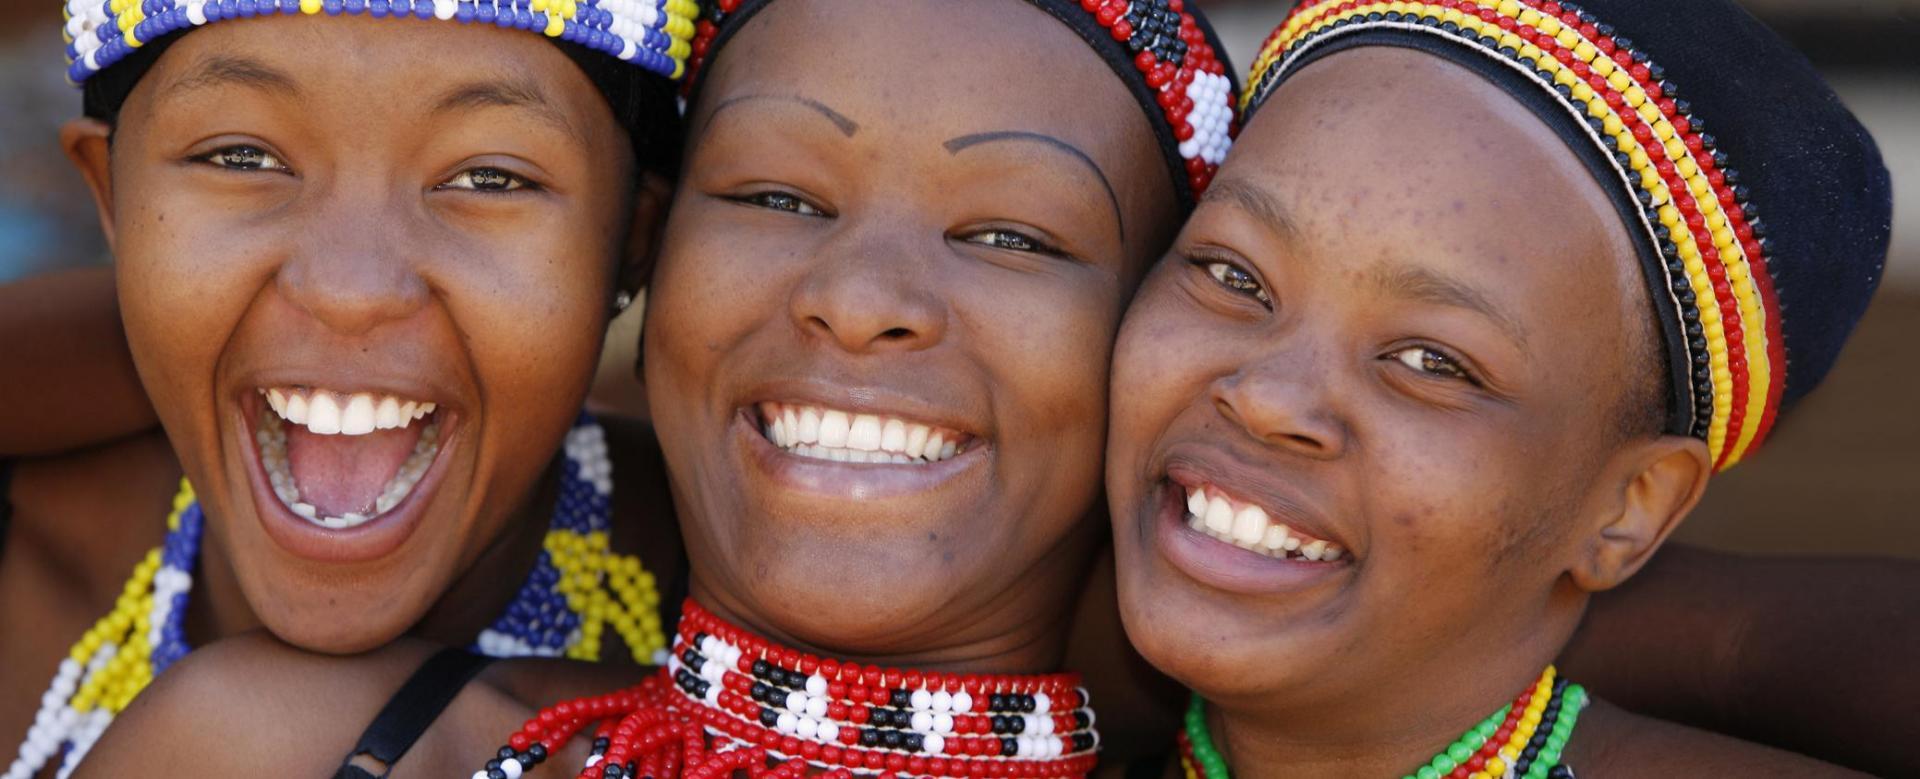 Voyage à pied : Afrique du Sud : L'afrique arc-en-ciel